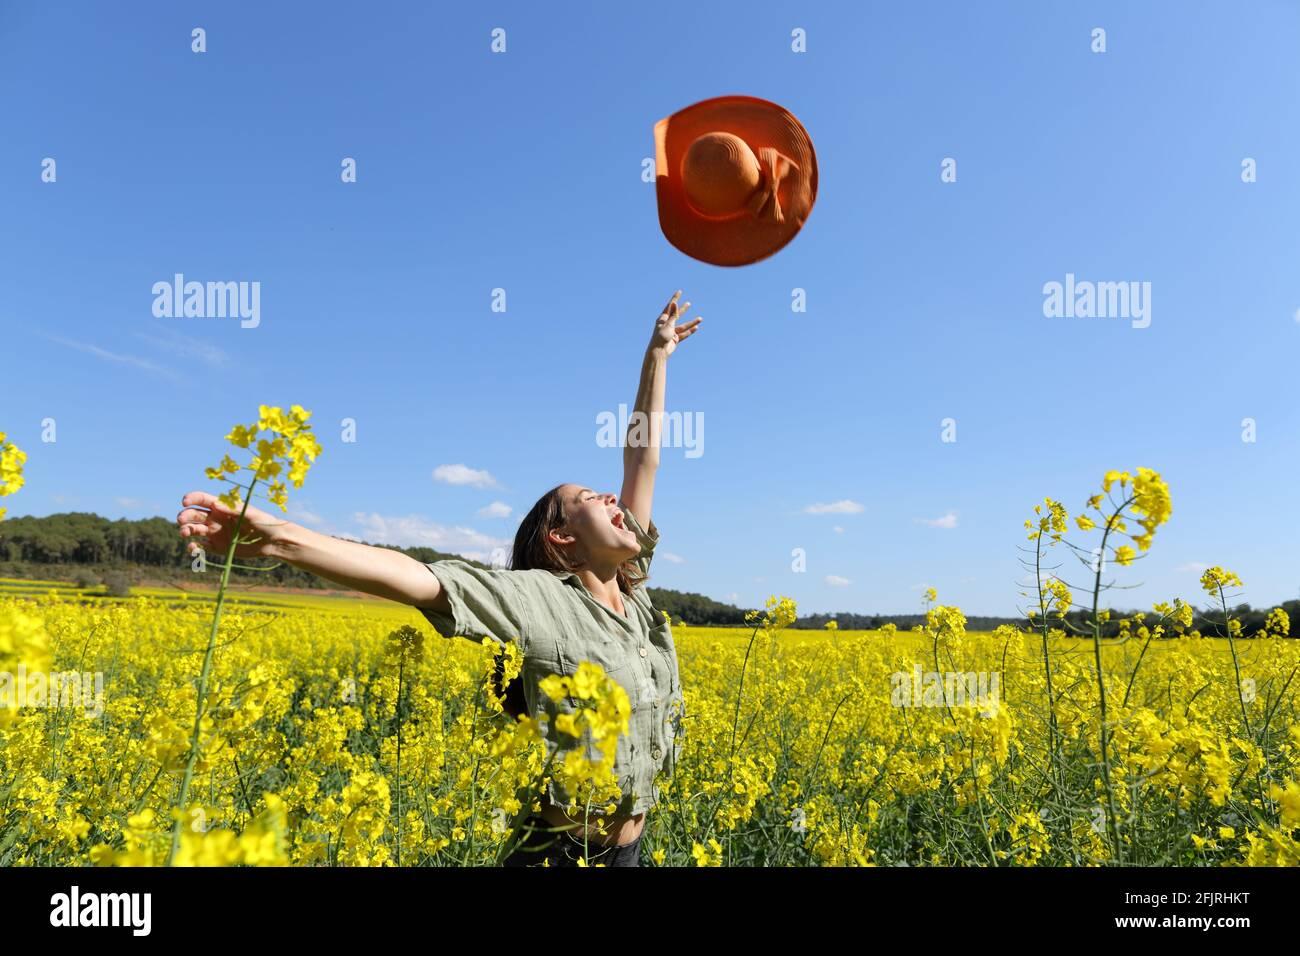 Glückliche Frau, die pamela wirft und ihren Urlaub in einem gelb blühenden Feld im Frühjahr Stockfoto